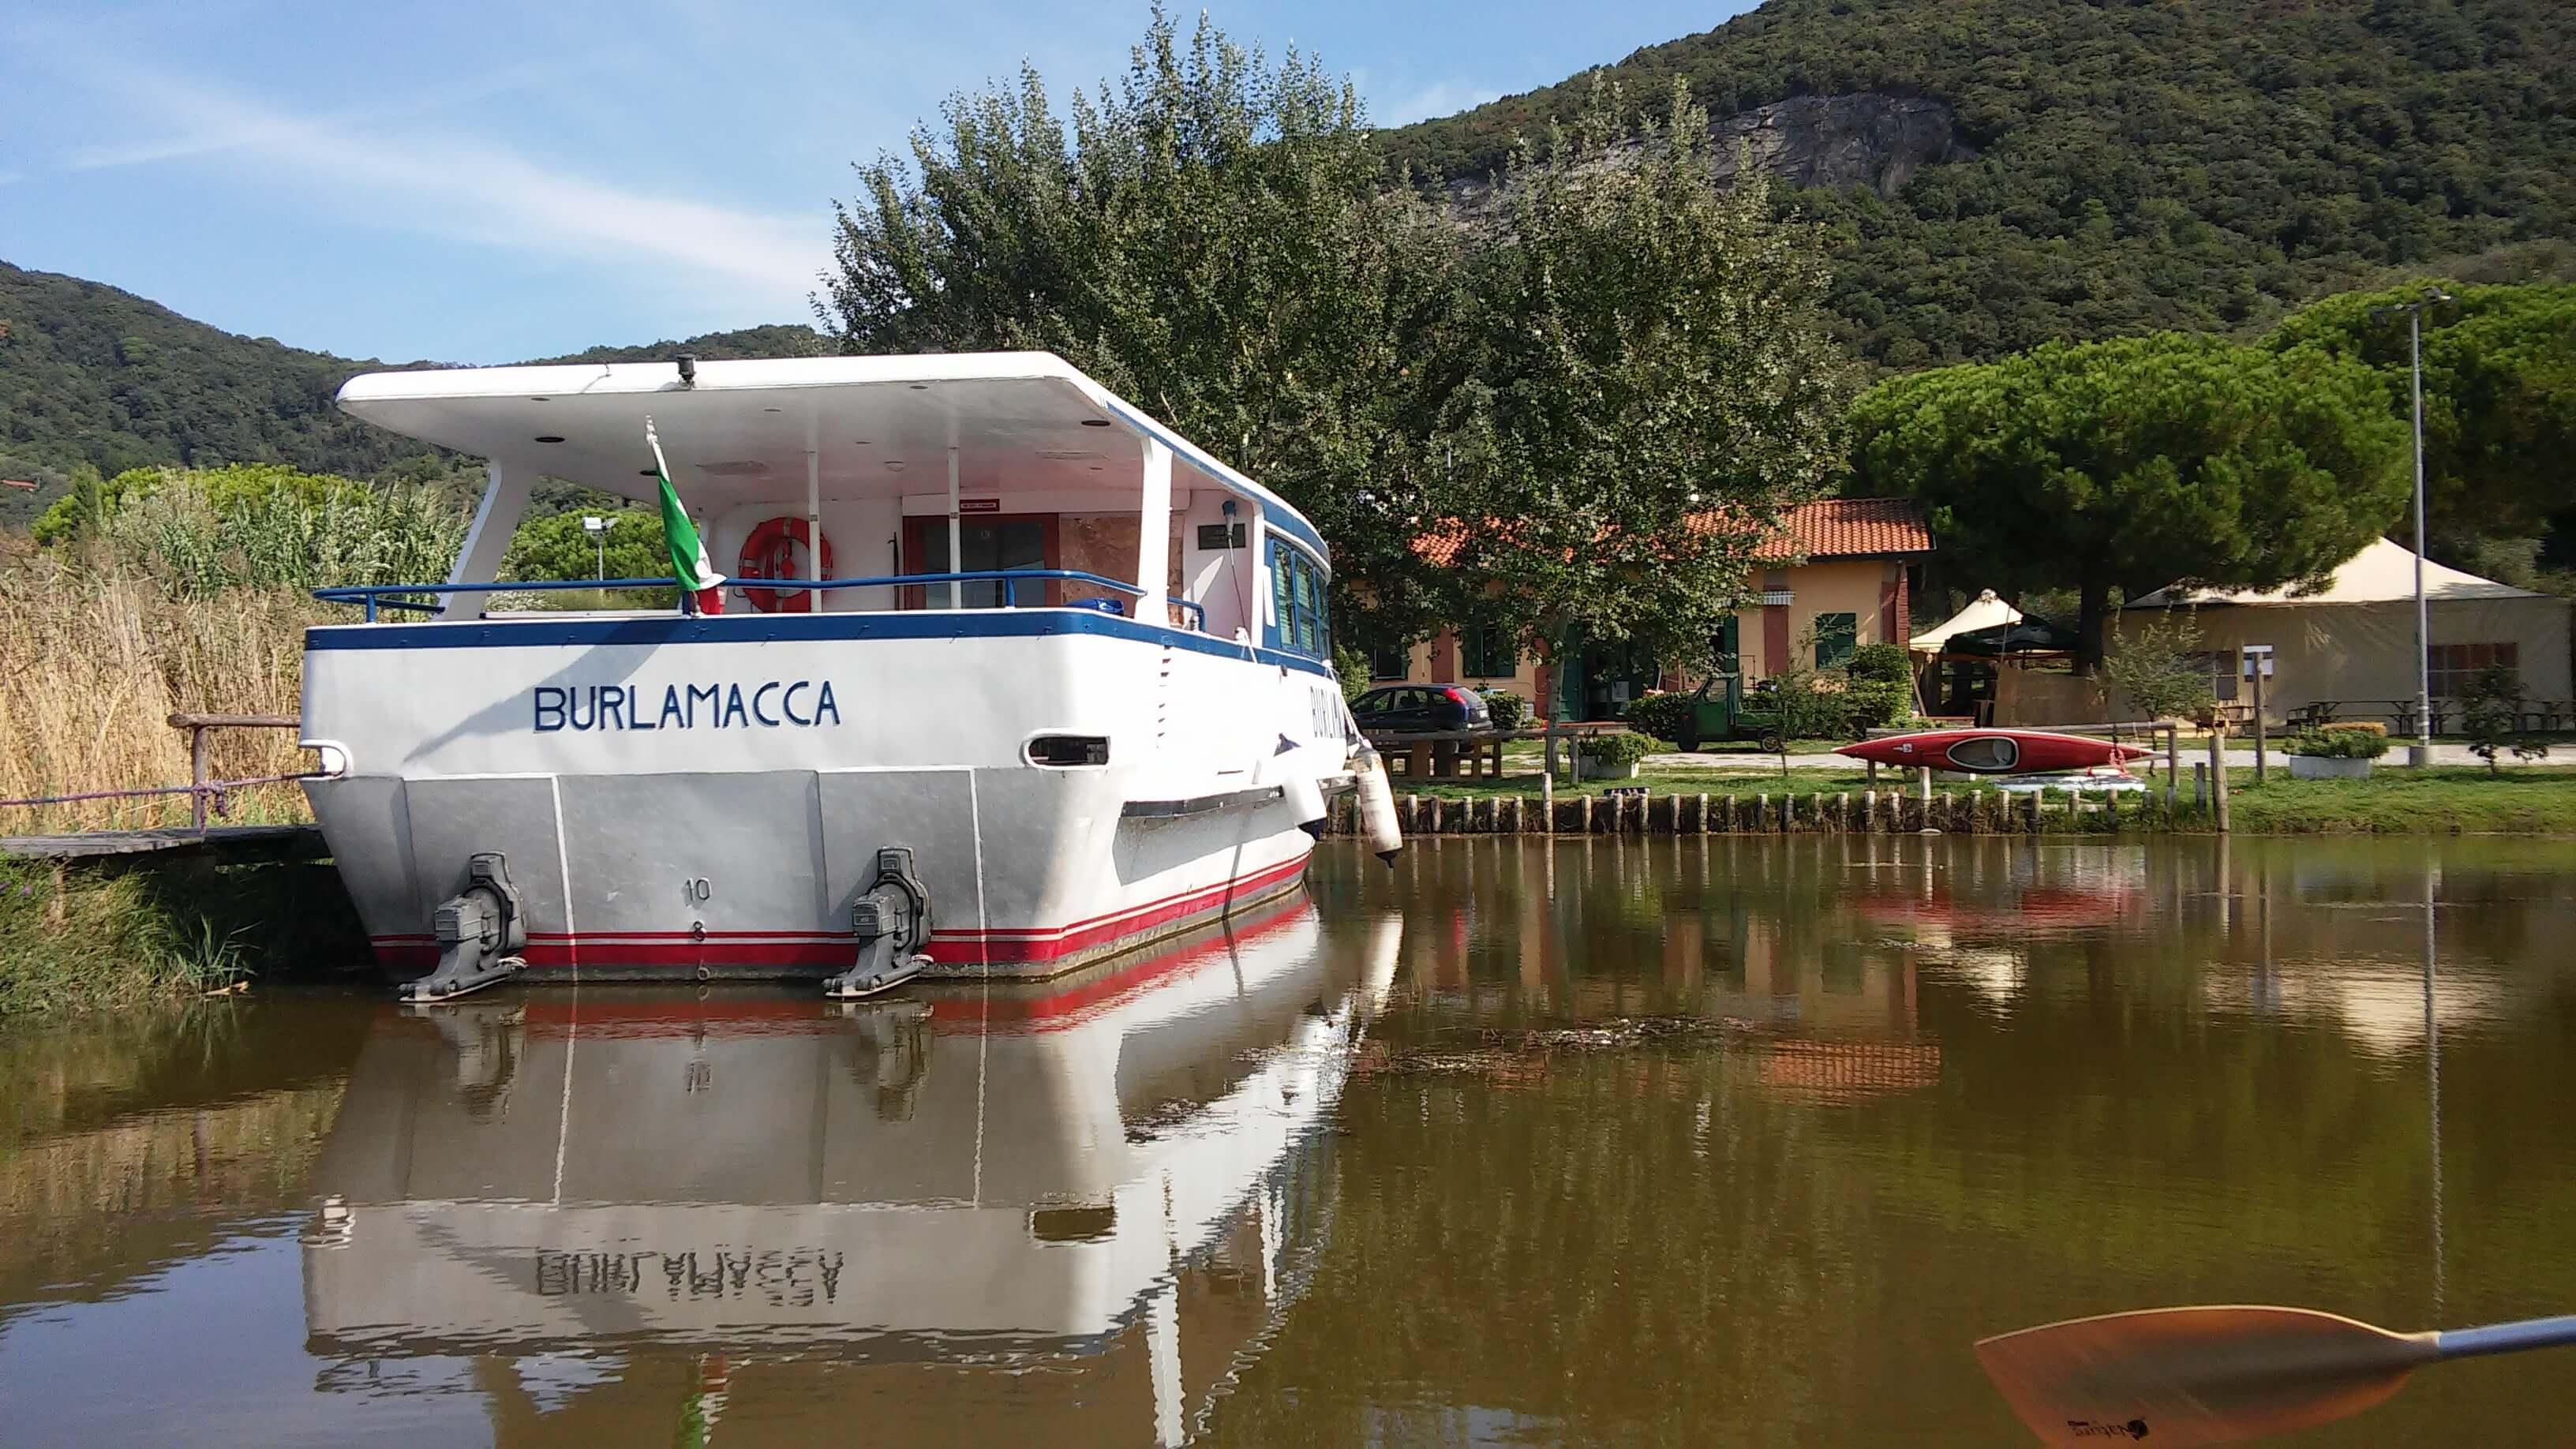 Lago Di Massaciuccoli, Oasi Lipu, il punto ristoro sul lago